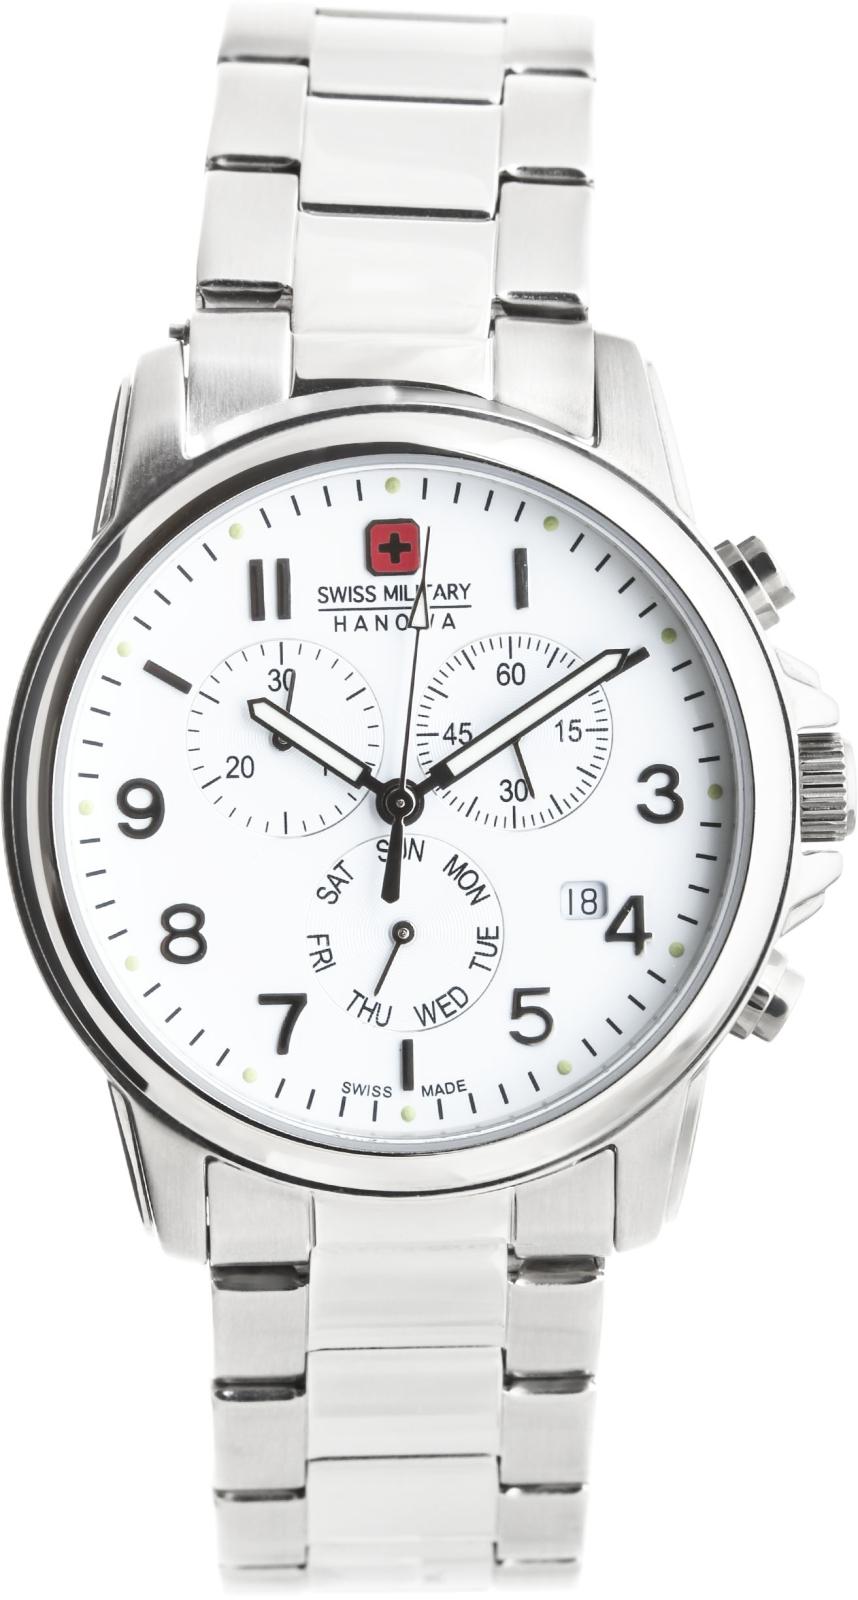 Hanowa Swiss Military Swiss Soldier 06-5142.04.001Наручные часы<br>Швейцарские часы Hanowa Swiss Military Swiss Soldier 06-5142.04.001Модель входит в коллекцию Swiss Soldier. Это стильные Мужские часы. Материал корпуса часов &amp;mdash; Сталь. Браслет &amp;mdash; Сталь. В этой модели стоит Минеральное стекло. Водозащита - 100 м. Цвет циферблата - Белый. Диаметр корпуса 39мм.<br><br>Пол: Мужские<br>Страна-производитель: Швейцария<br>Механизм: Кварцевый<br>Материал корпуса: Сталь<br>Материал ремня/браслета: Сталь<br>Водозащита, диапазон: 100 - 150 м<br>Стекло: Минеральное<br>Толщина корпуса: None<br>Стиль: Спорт